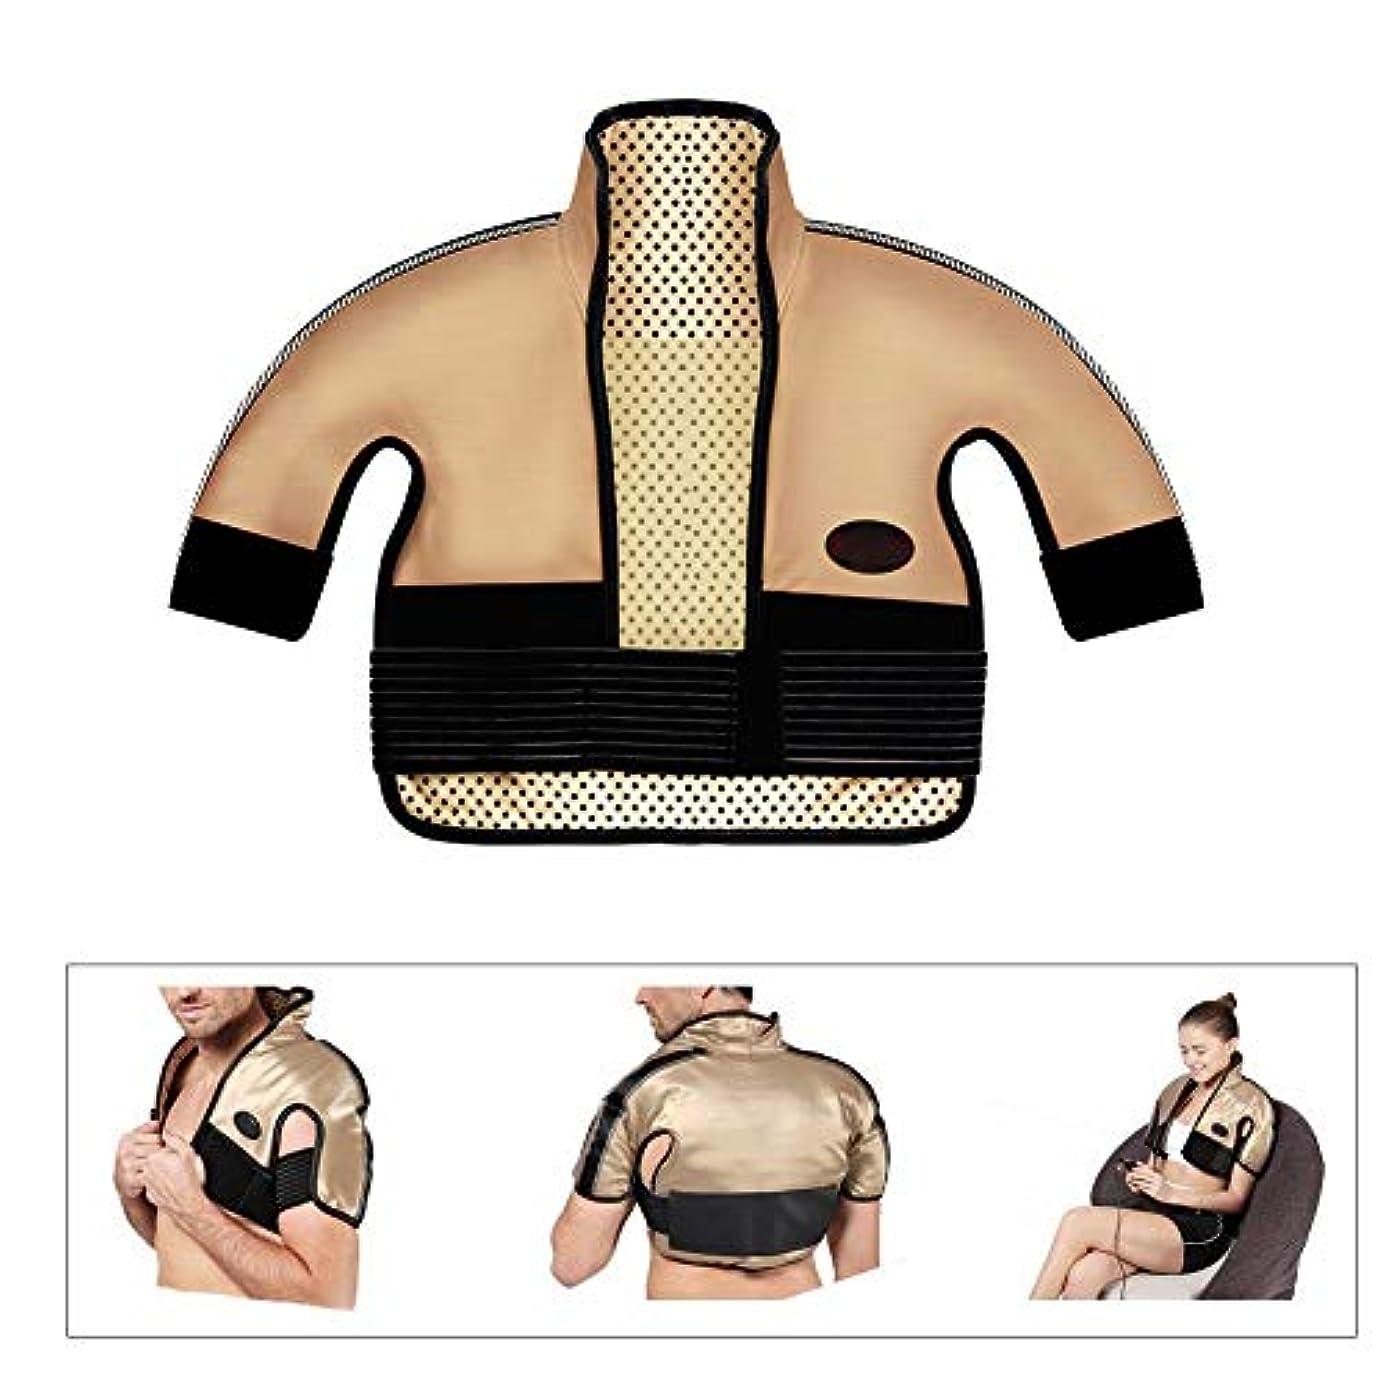 肩と首の電気加熱パッド - 混練加熱、痛み緩和加熱パッドを叩く、医療用品マッサージベスト(肩幅用:40-65CM)